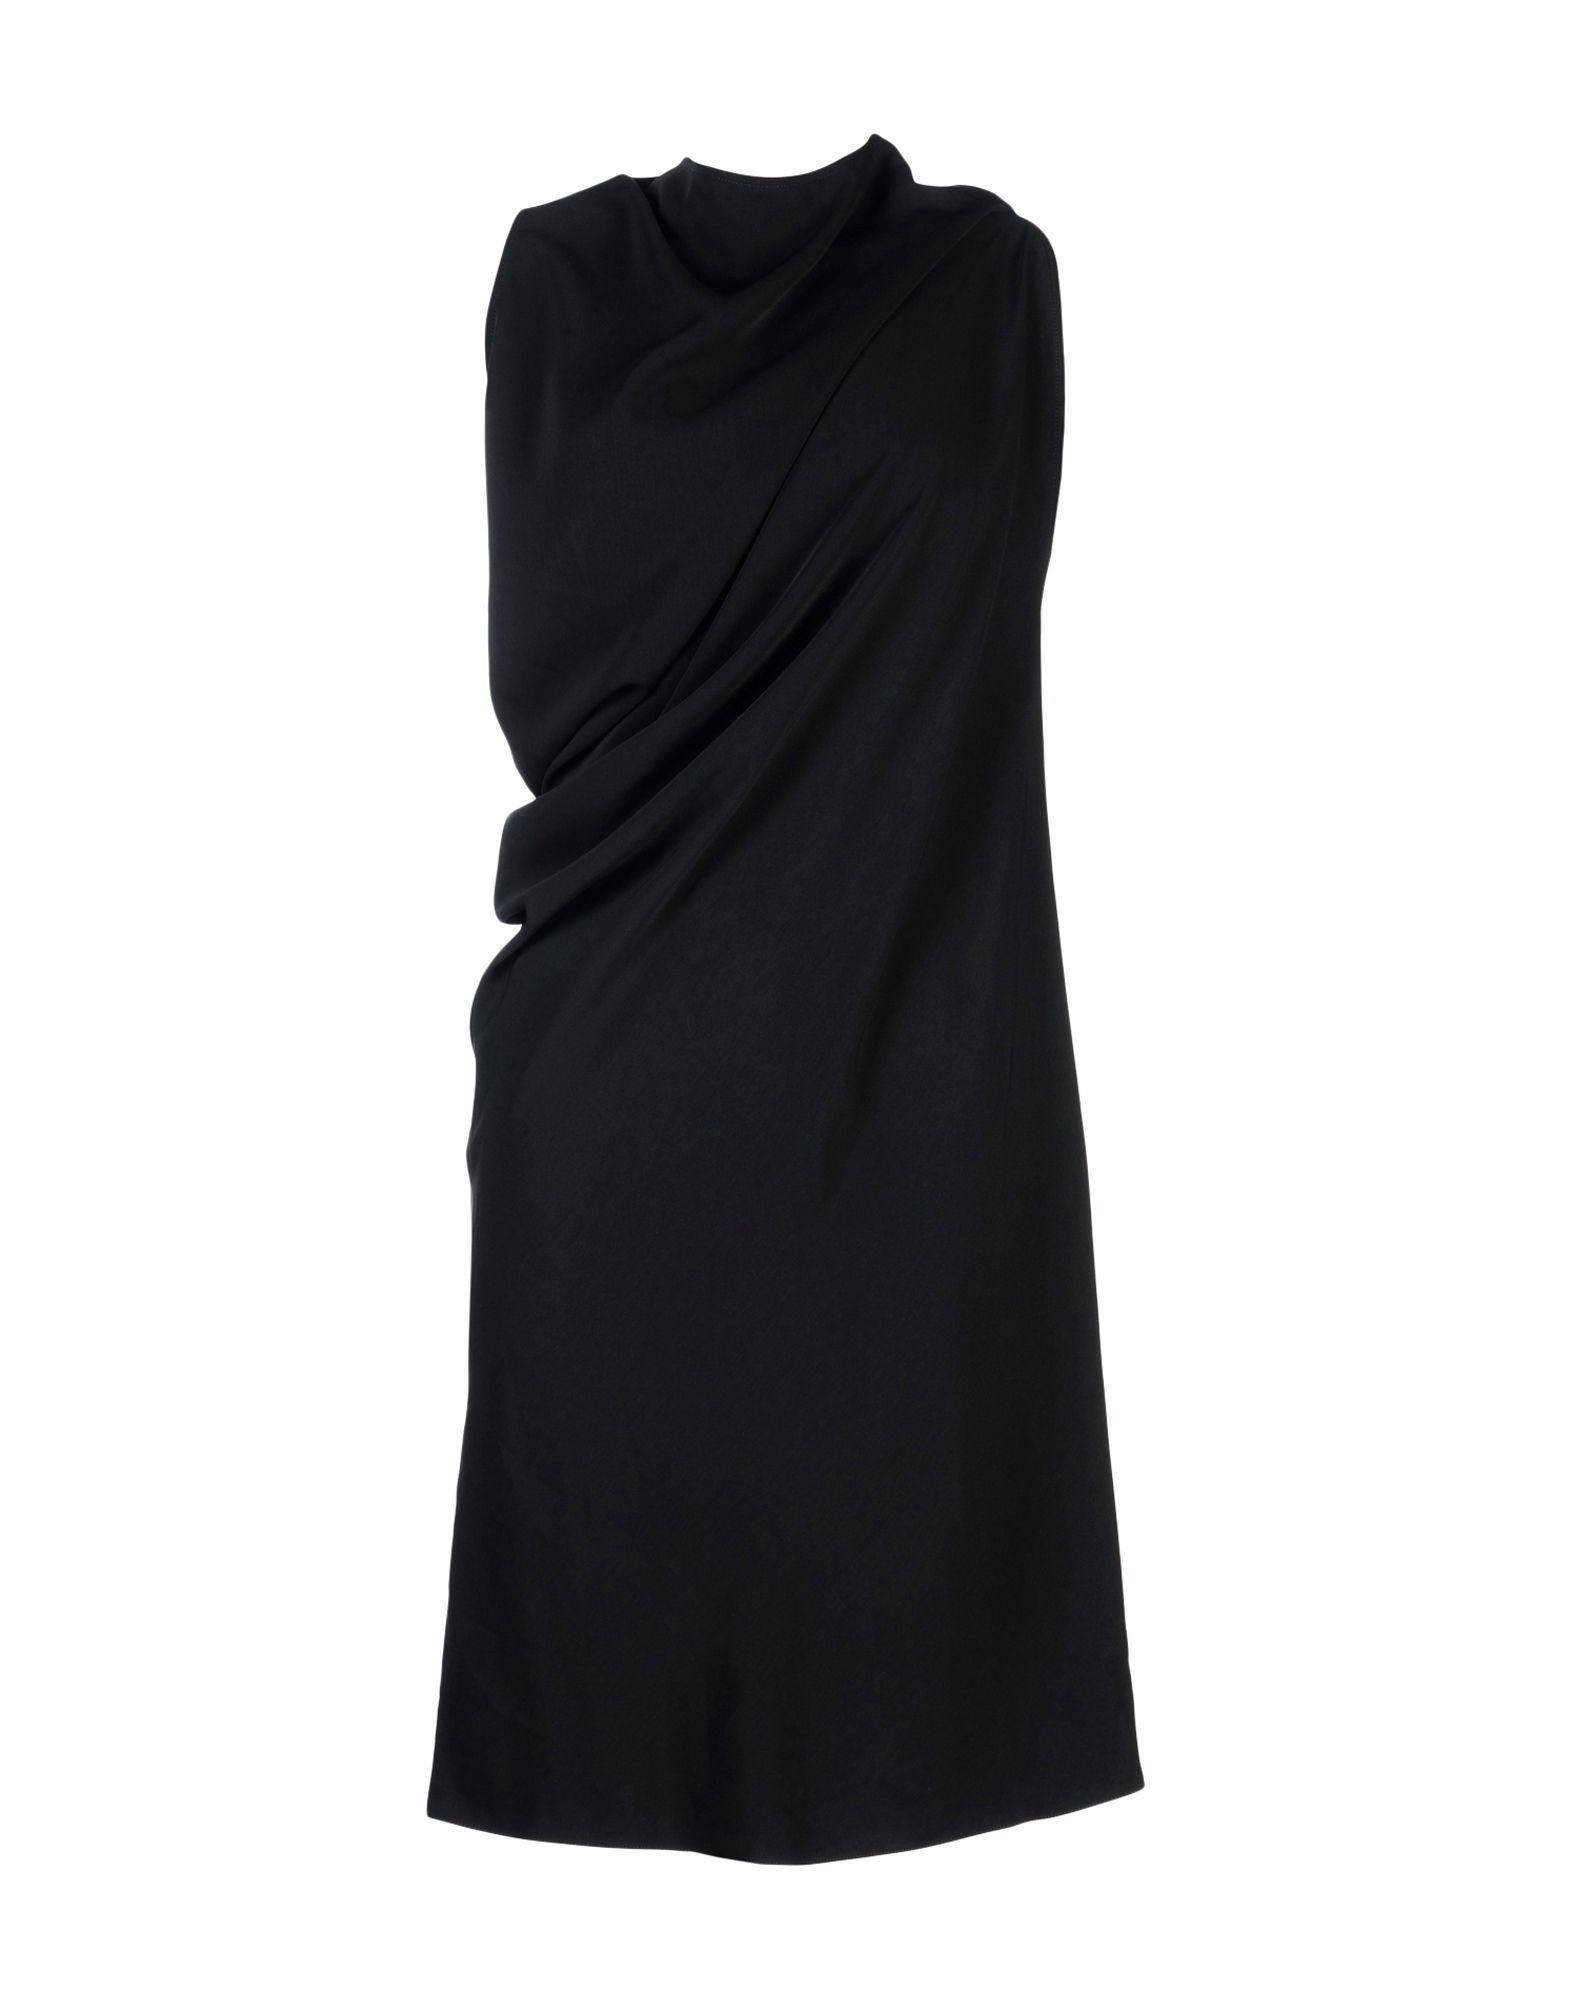 Vestito Longuette Mm6 Maison Margiela Donna - Acquista online su dOjUH1